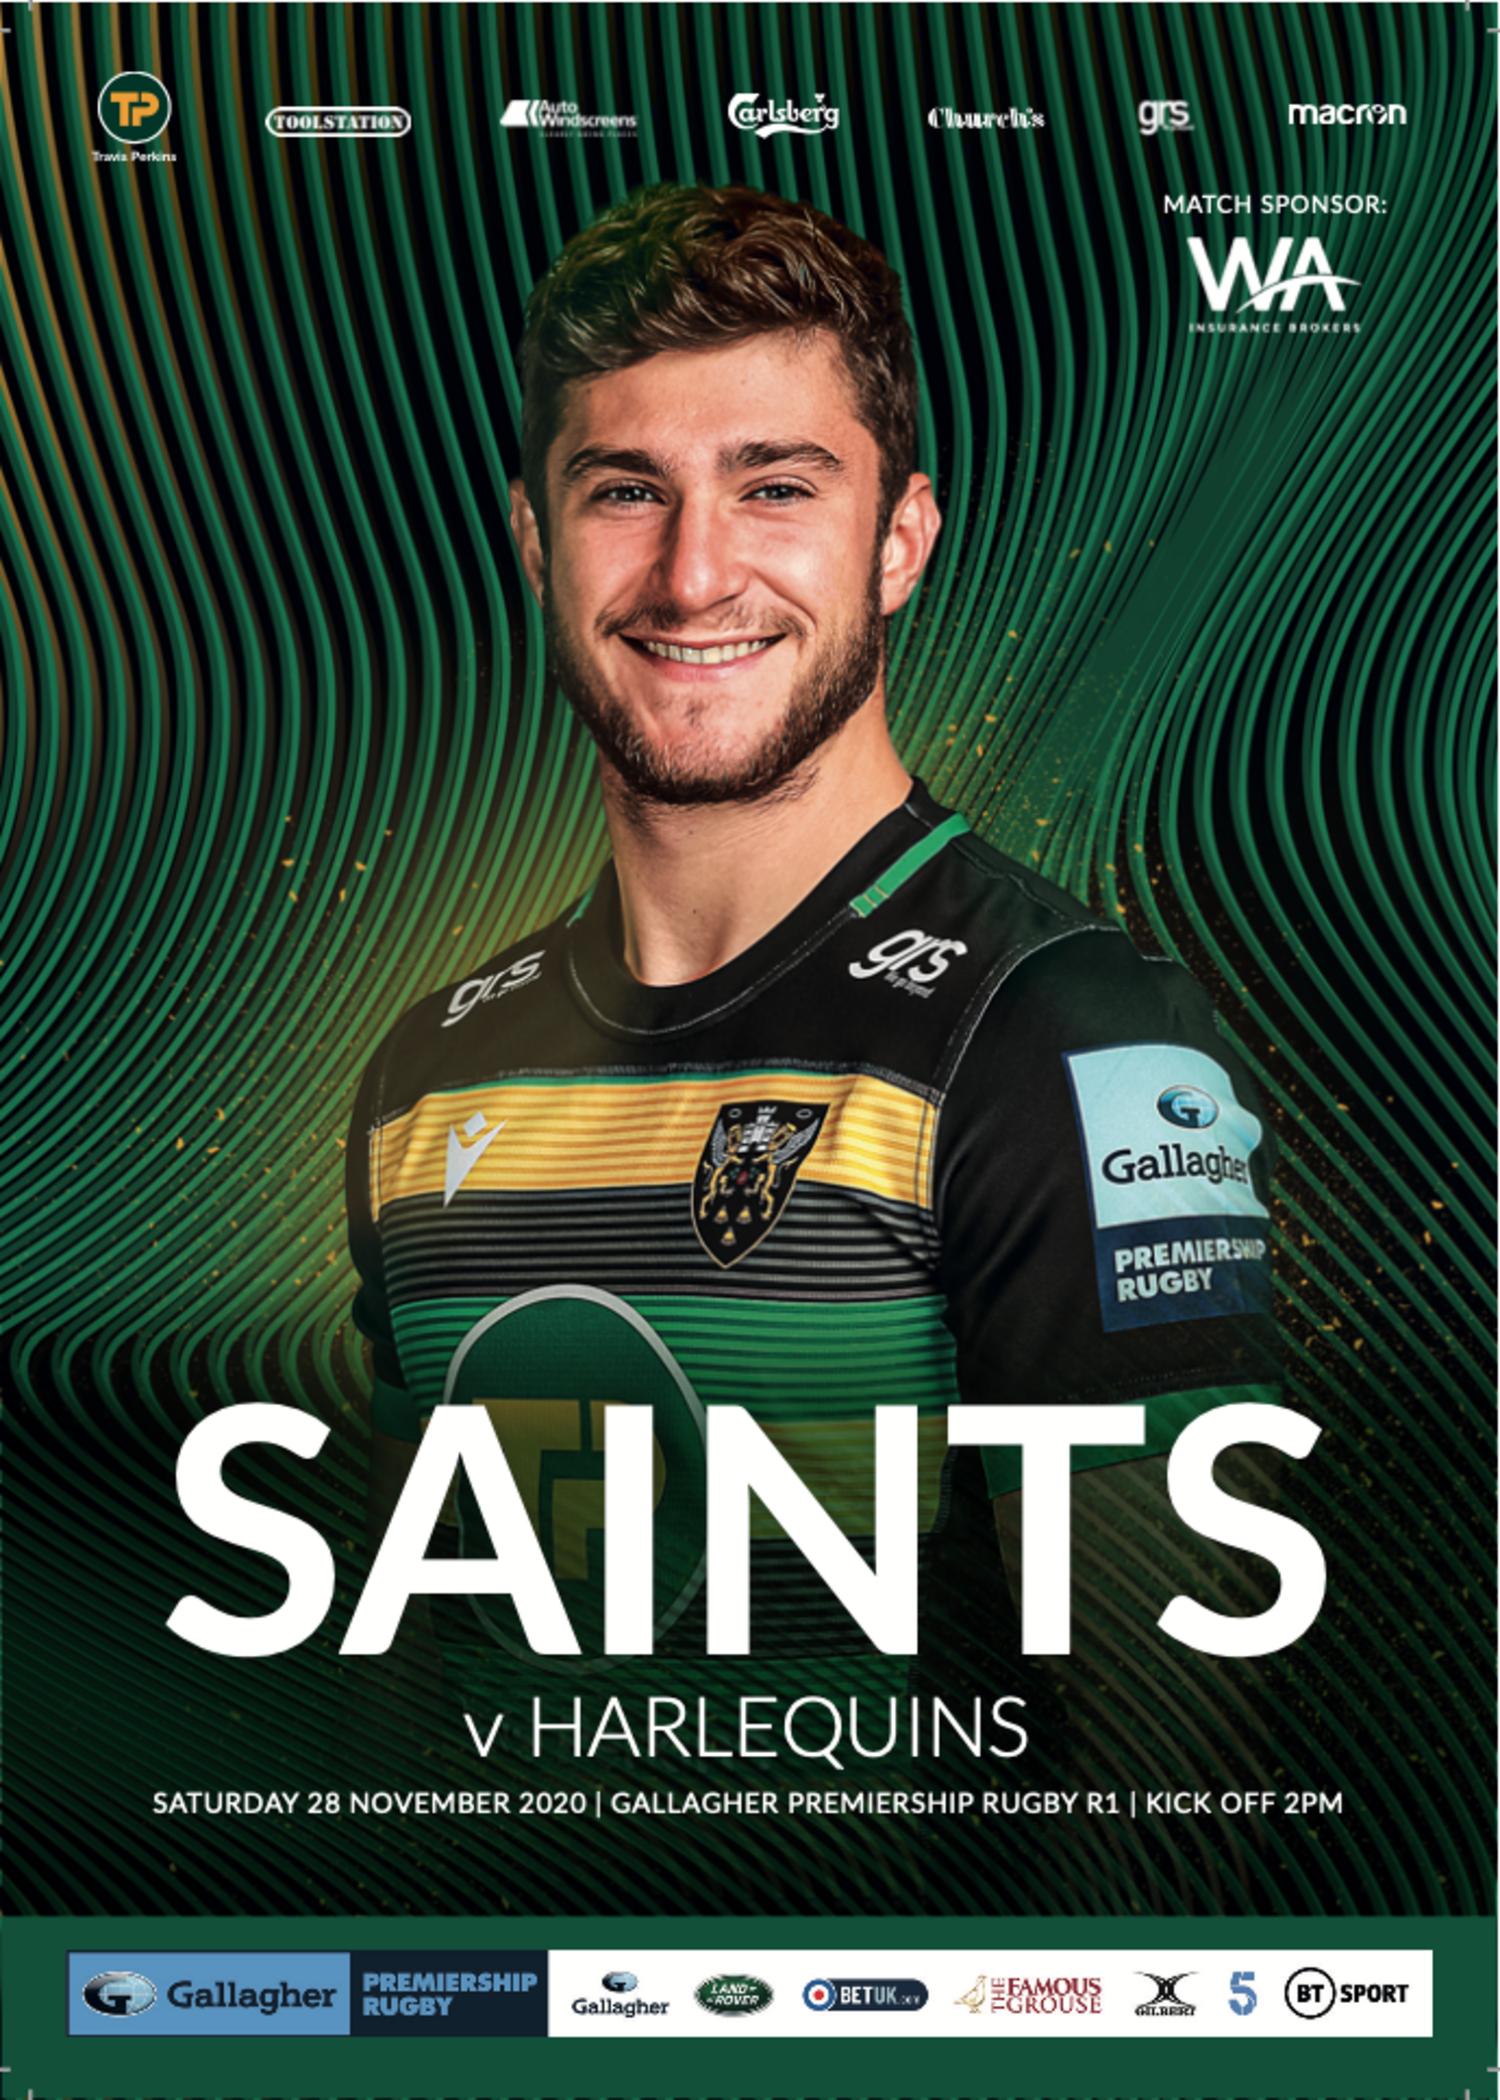 Saints v Harlequins programme